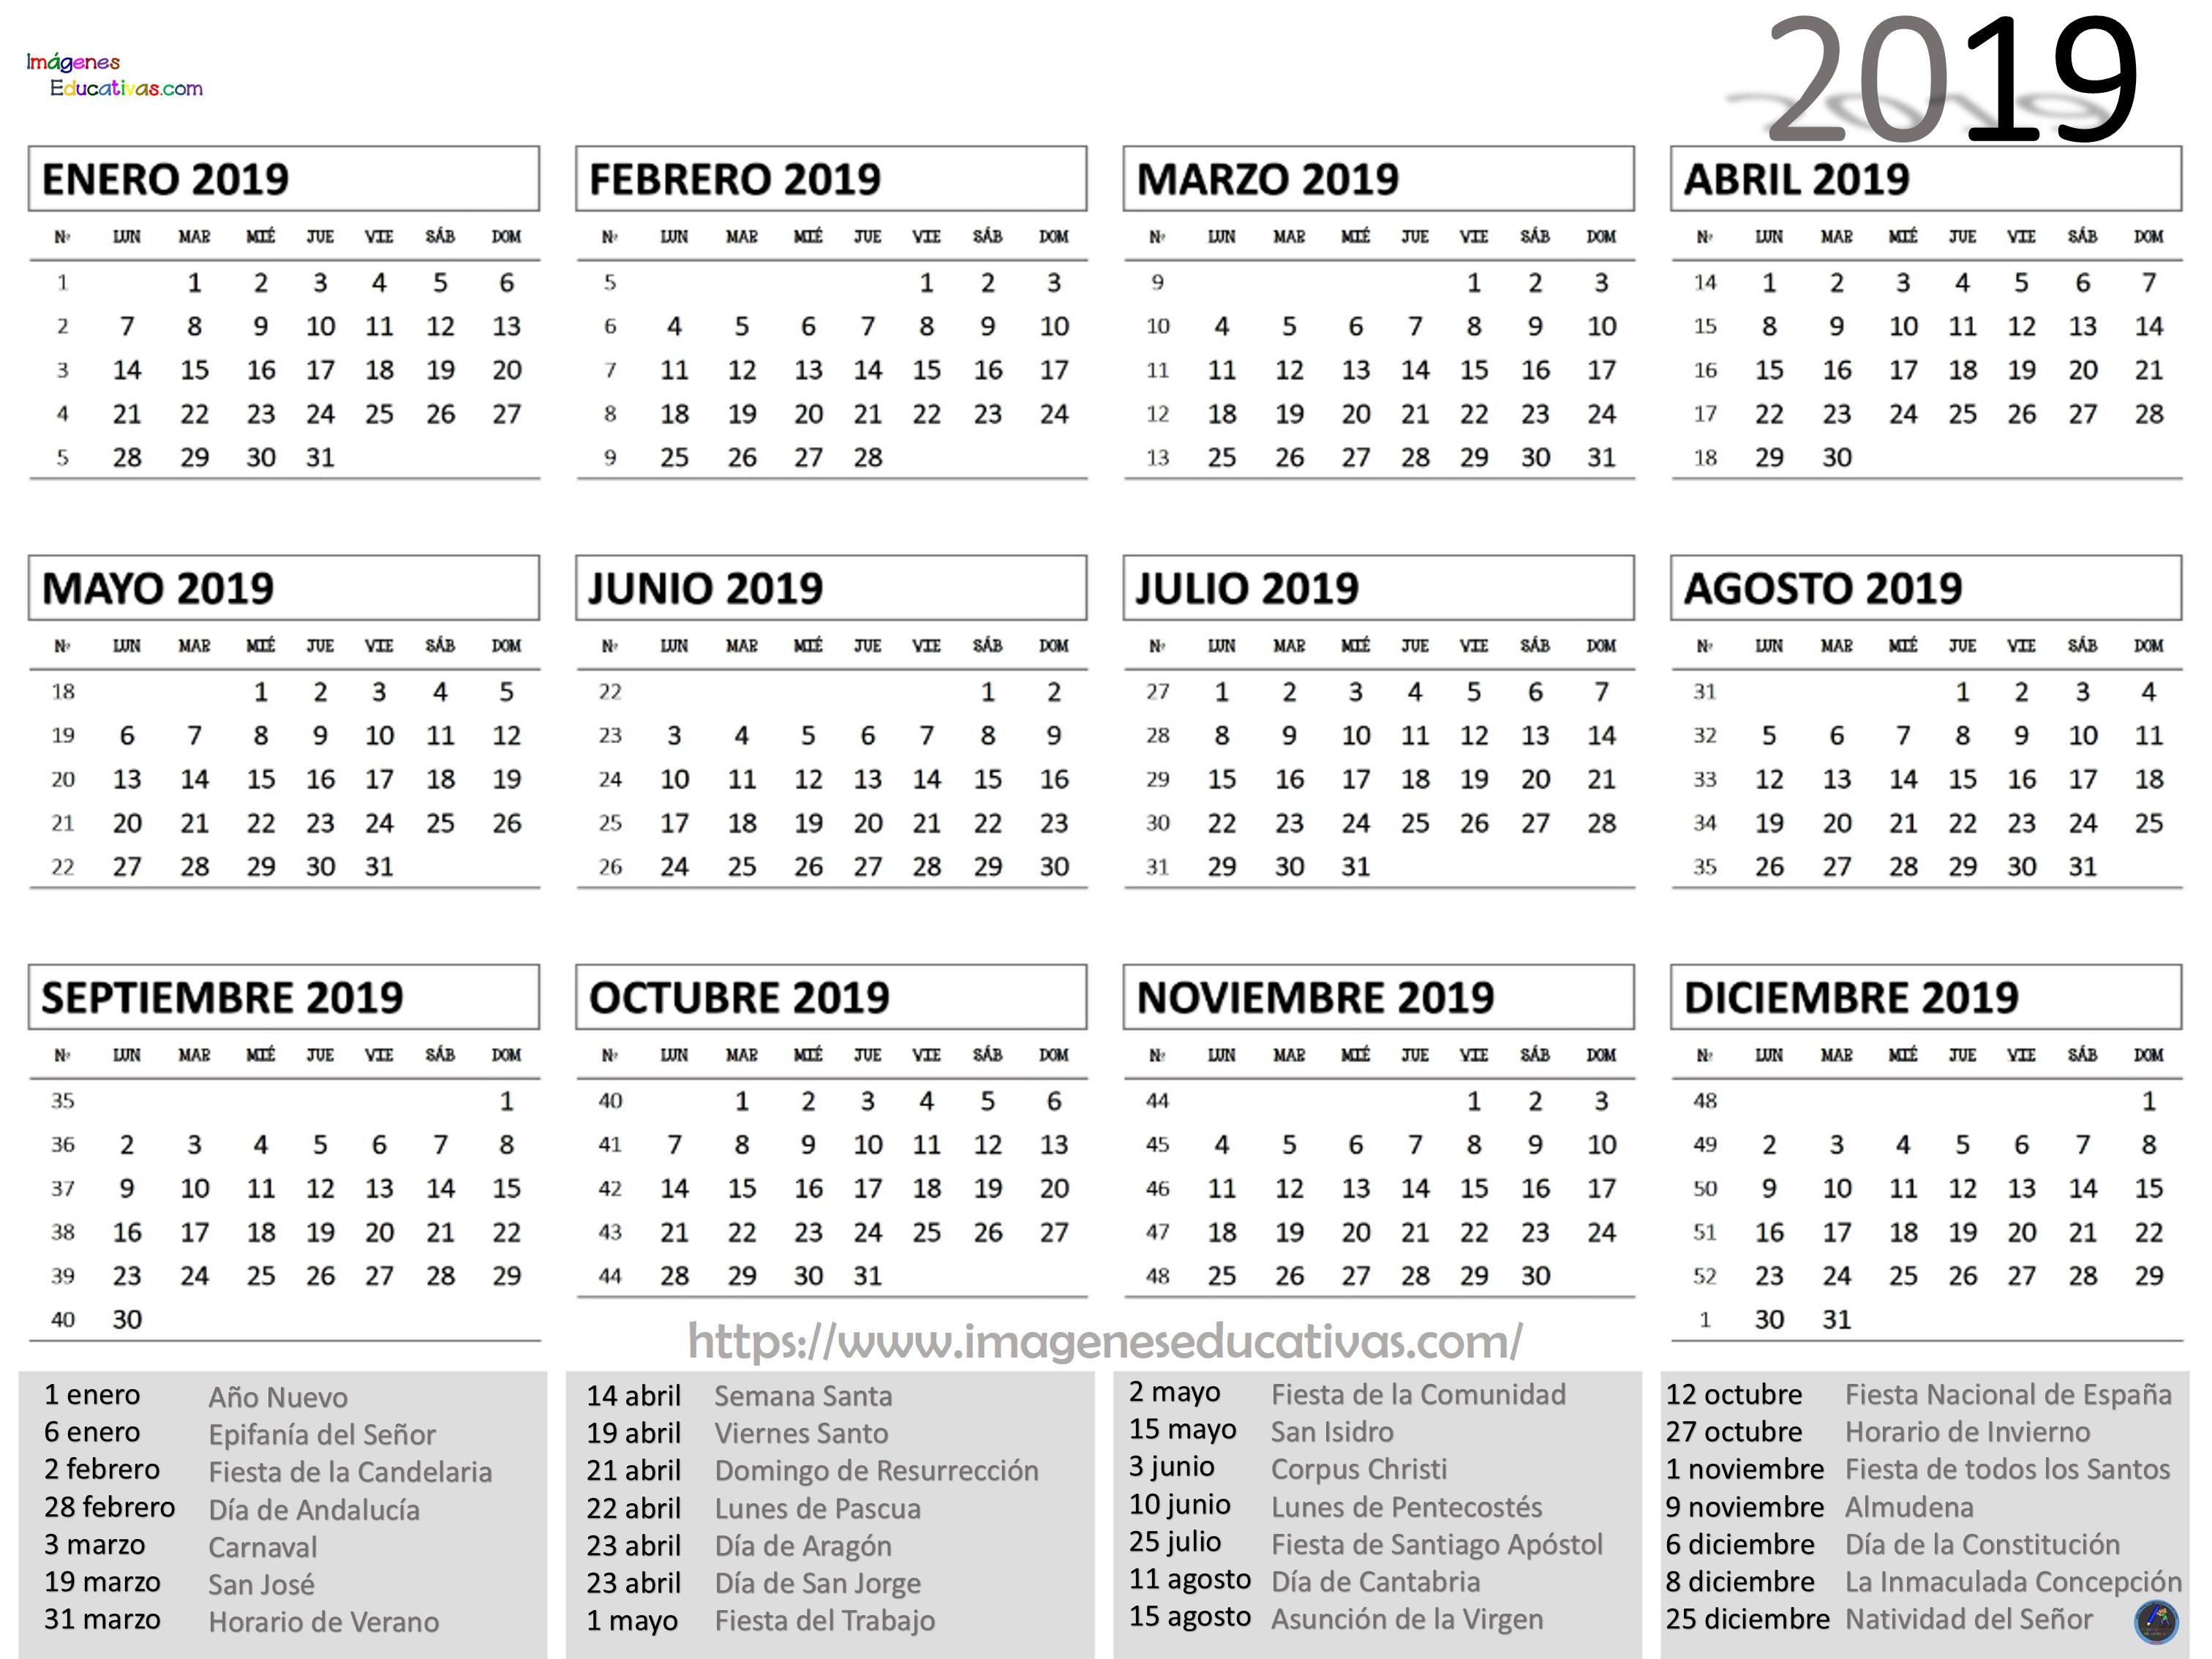 Calendario 2020 Argentina Para Imprimir Pdf.Calendario 2019 Imprimir